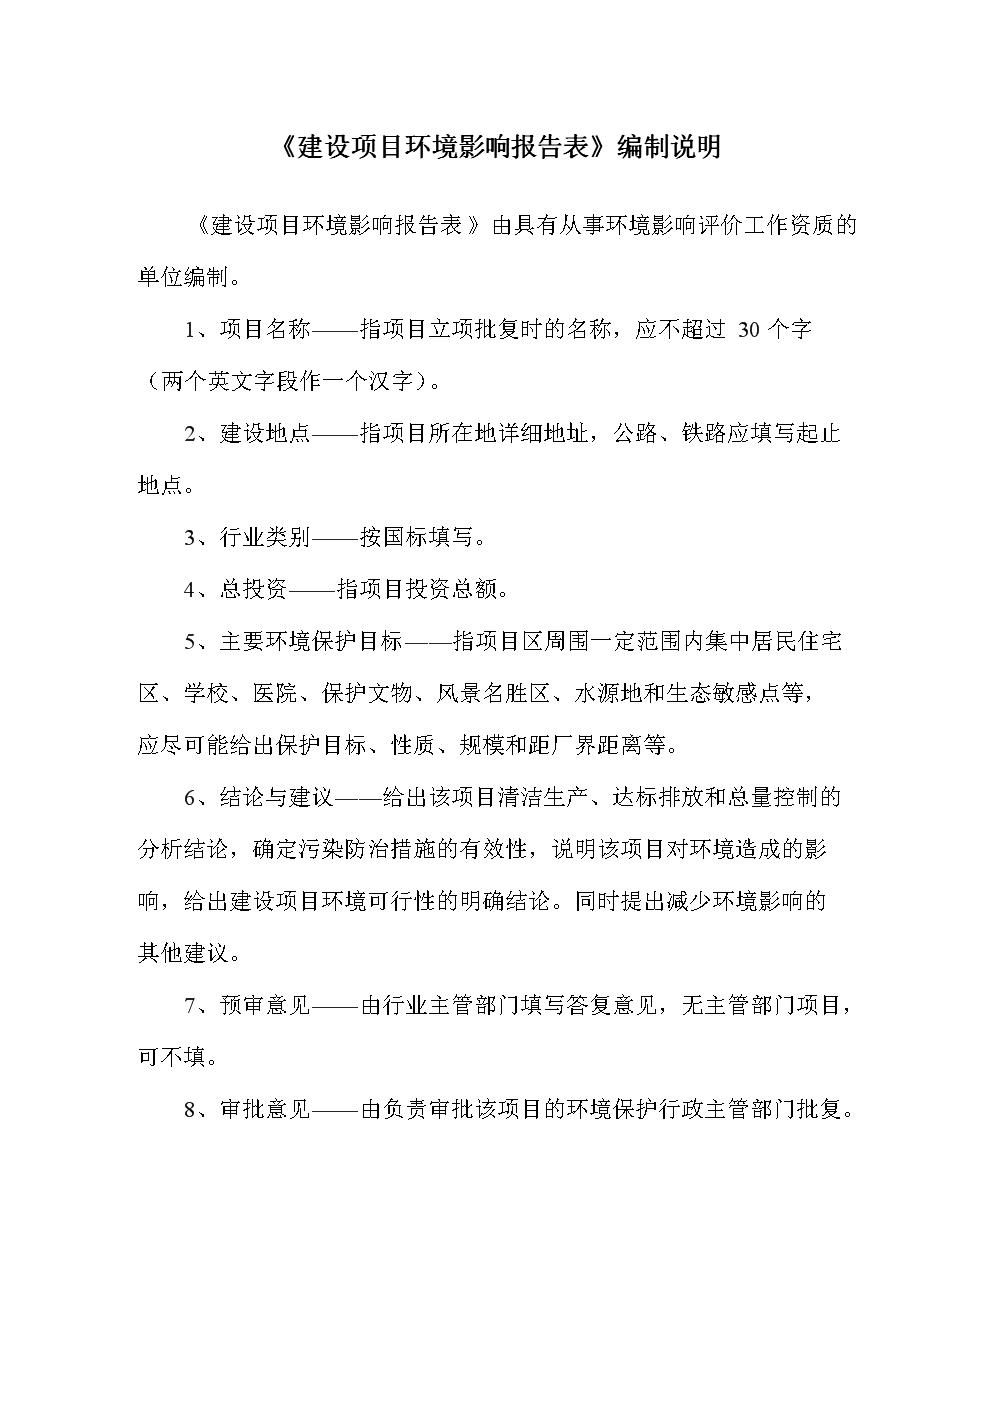 年产4000吨固体燃料建设项目(胜友炭业公司)环境影响报告.docx